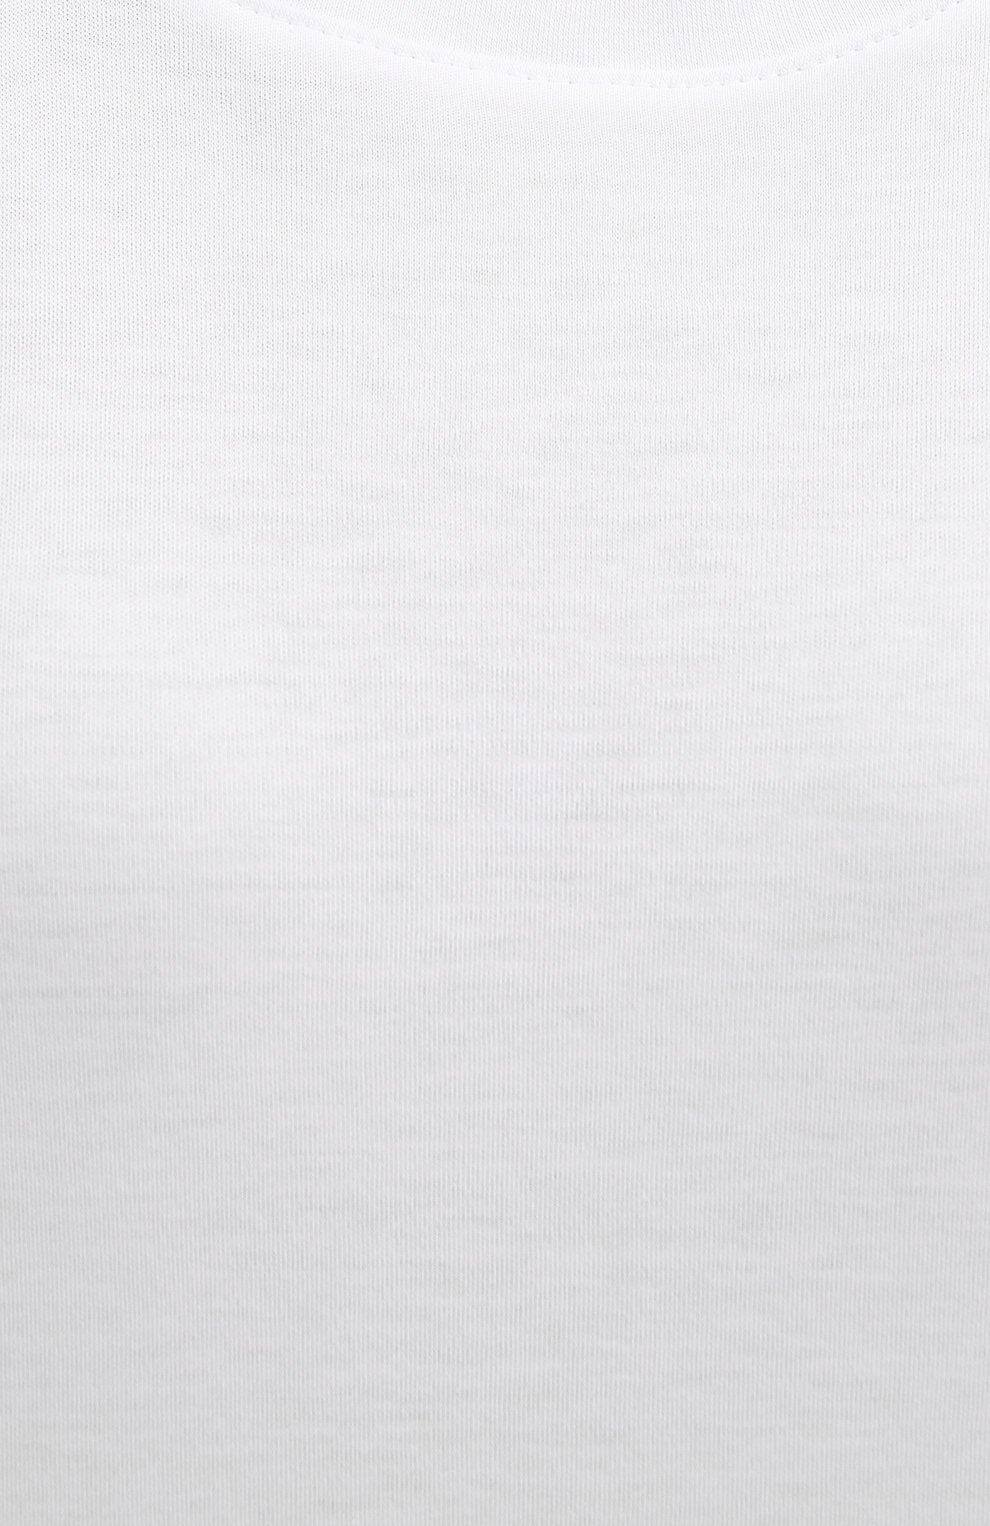 Женская хлопковый топ EVA B.BITZER белого цвета, арт. 11380233 | Фото 5 (Рукава: Короткие; Длина (для топов): Стандартные; Материал внешний: Хлопок; Женское Кросс-КТ: Домашние топы)